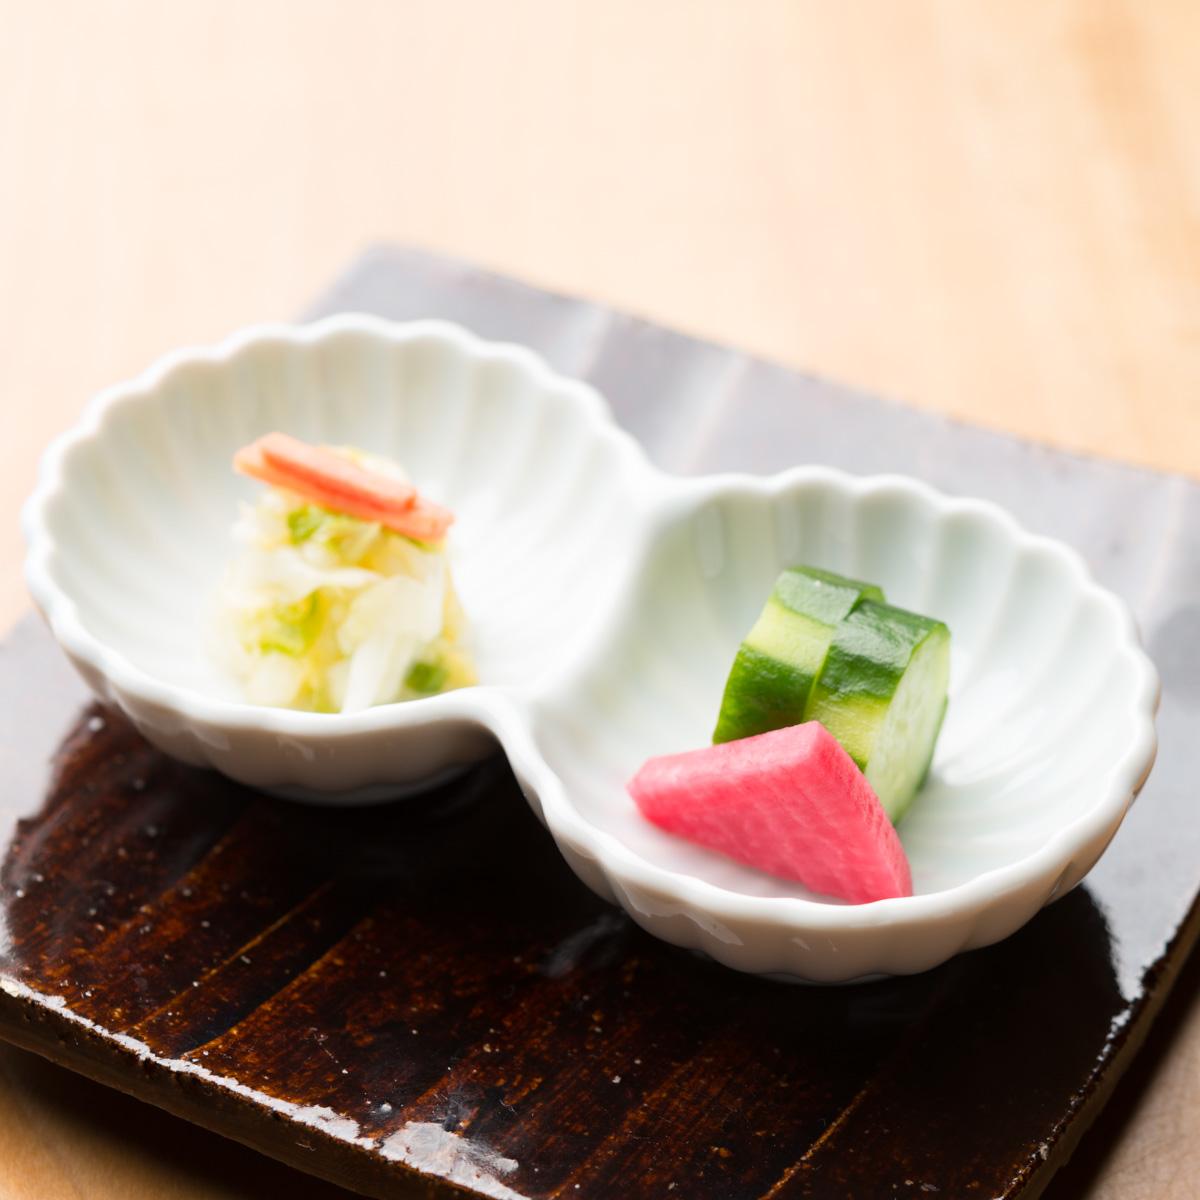 香の物|きゅうりのぬか漬け、紅芯大根の甘酢漬け、白菜と京人参の浅漬け